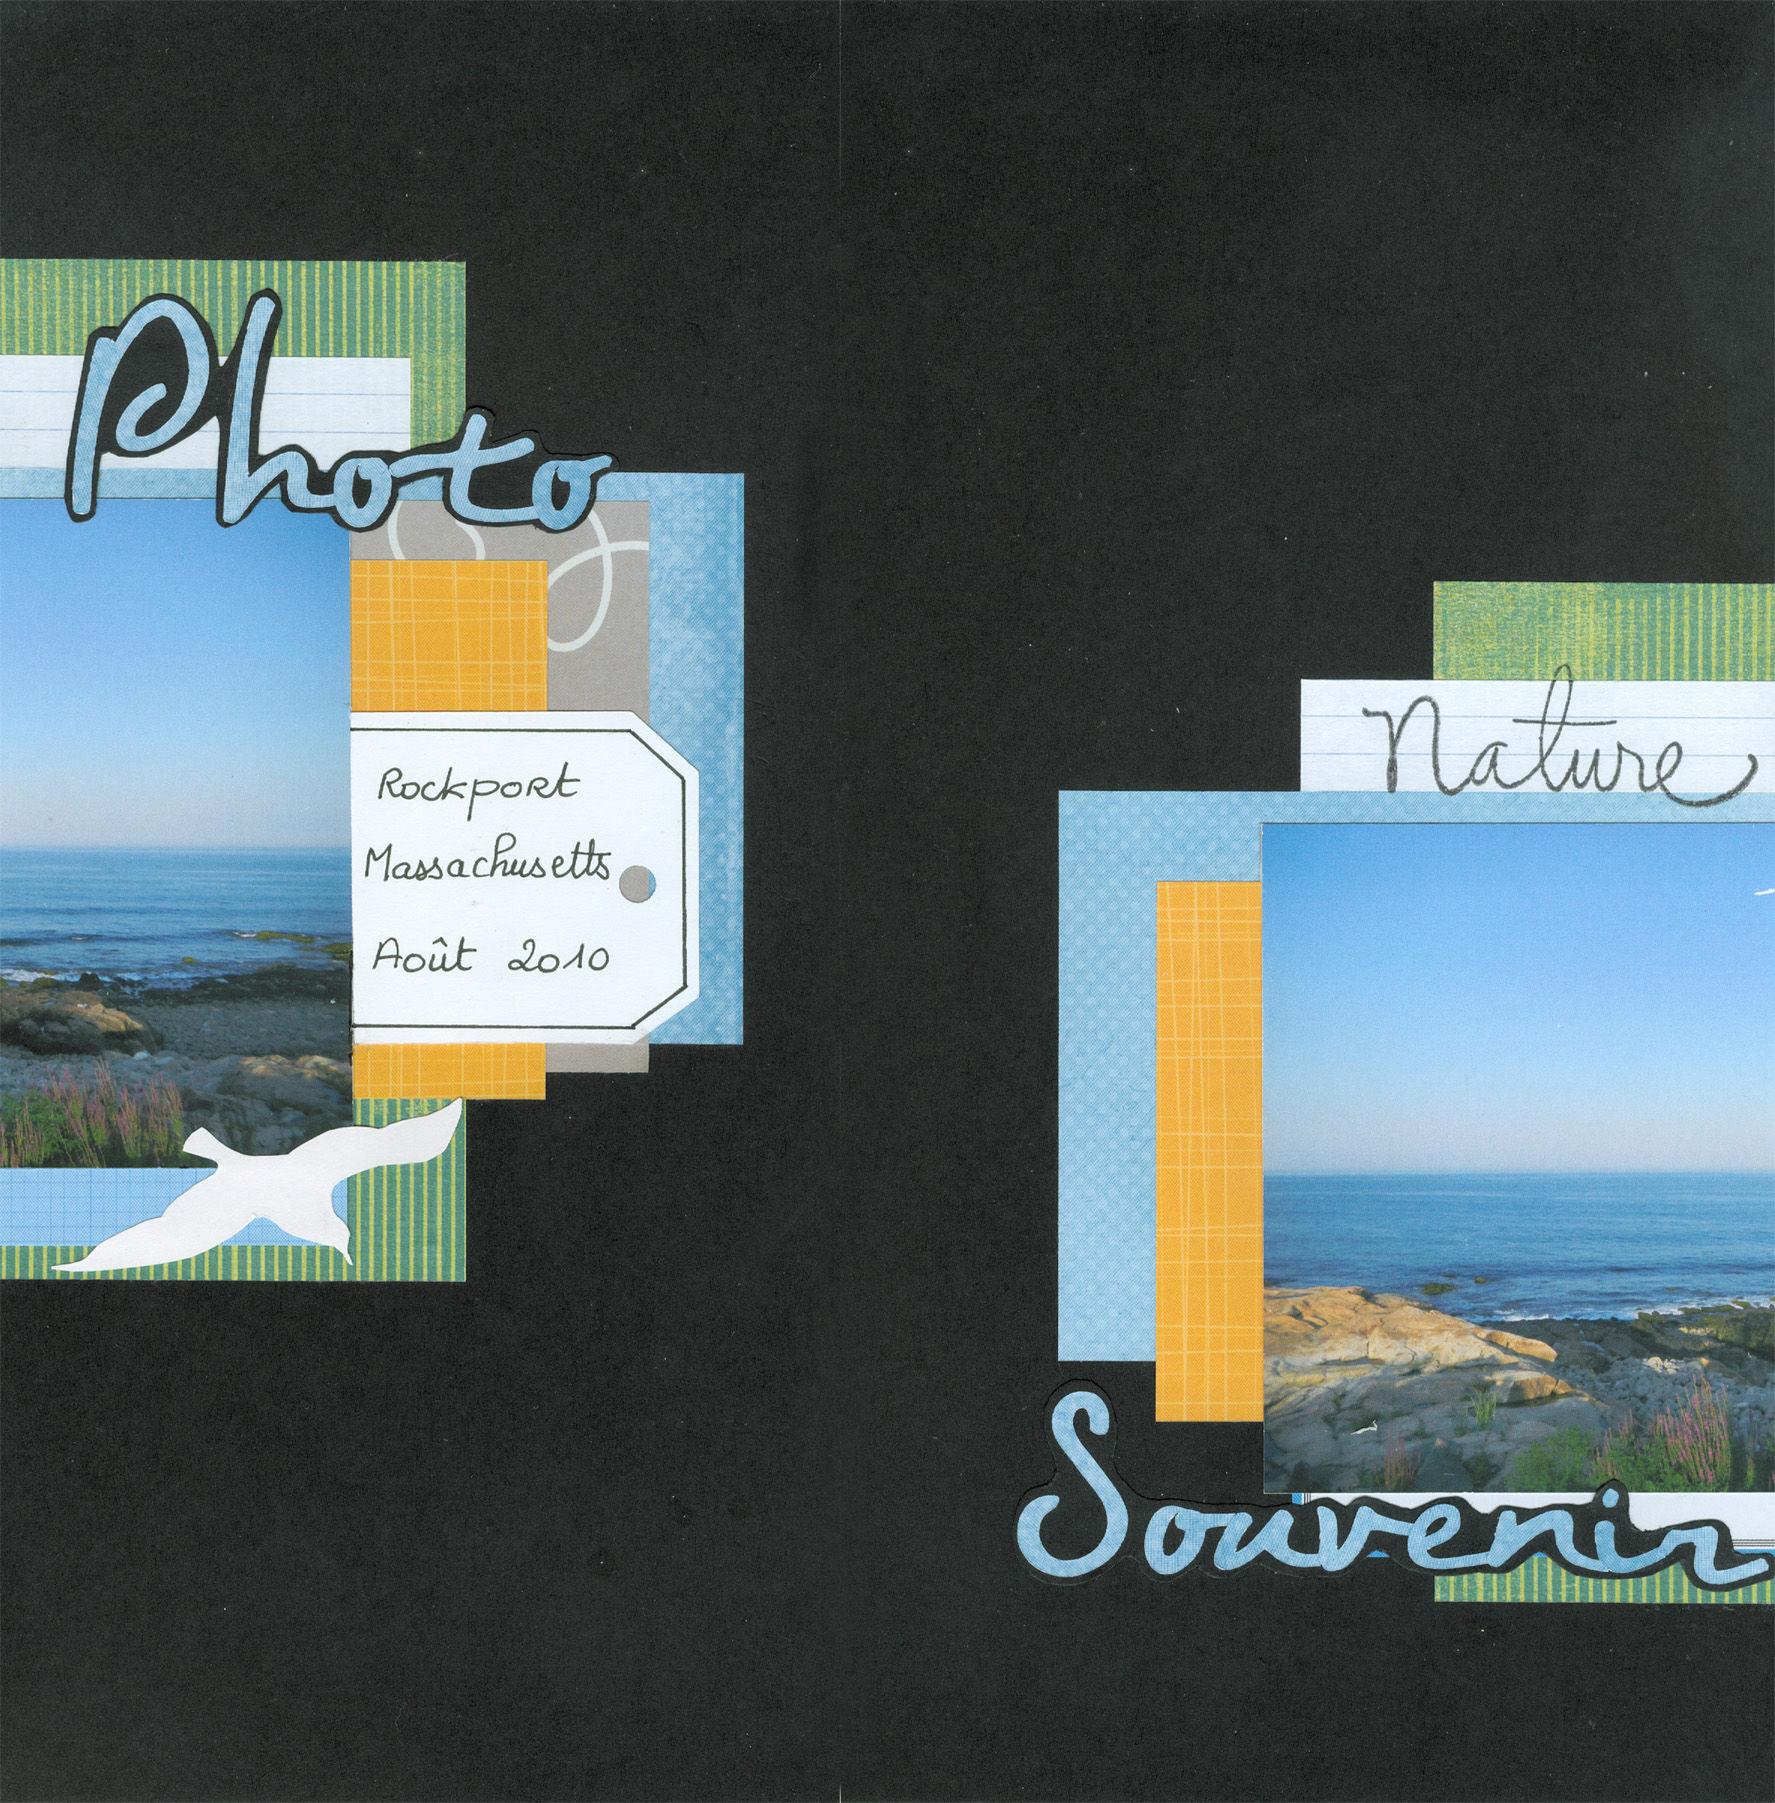 Photo souvenir-Rockport